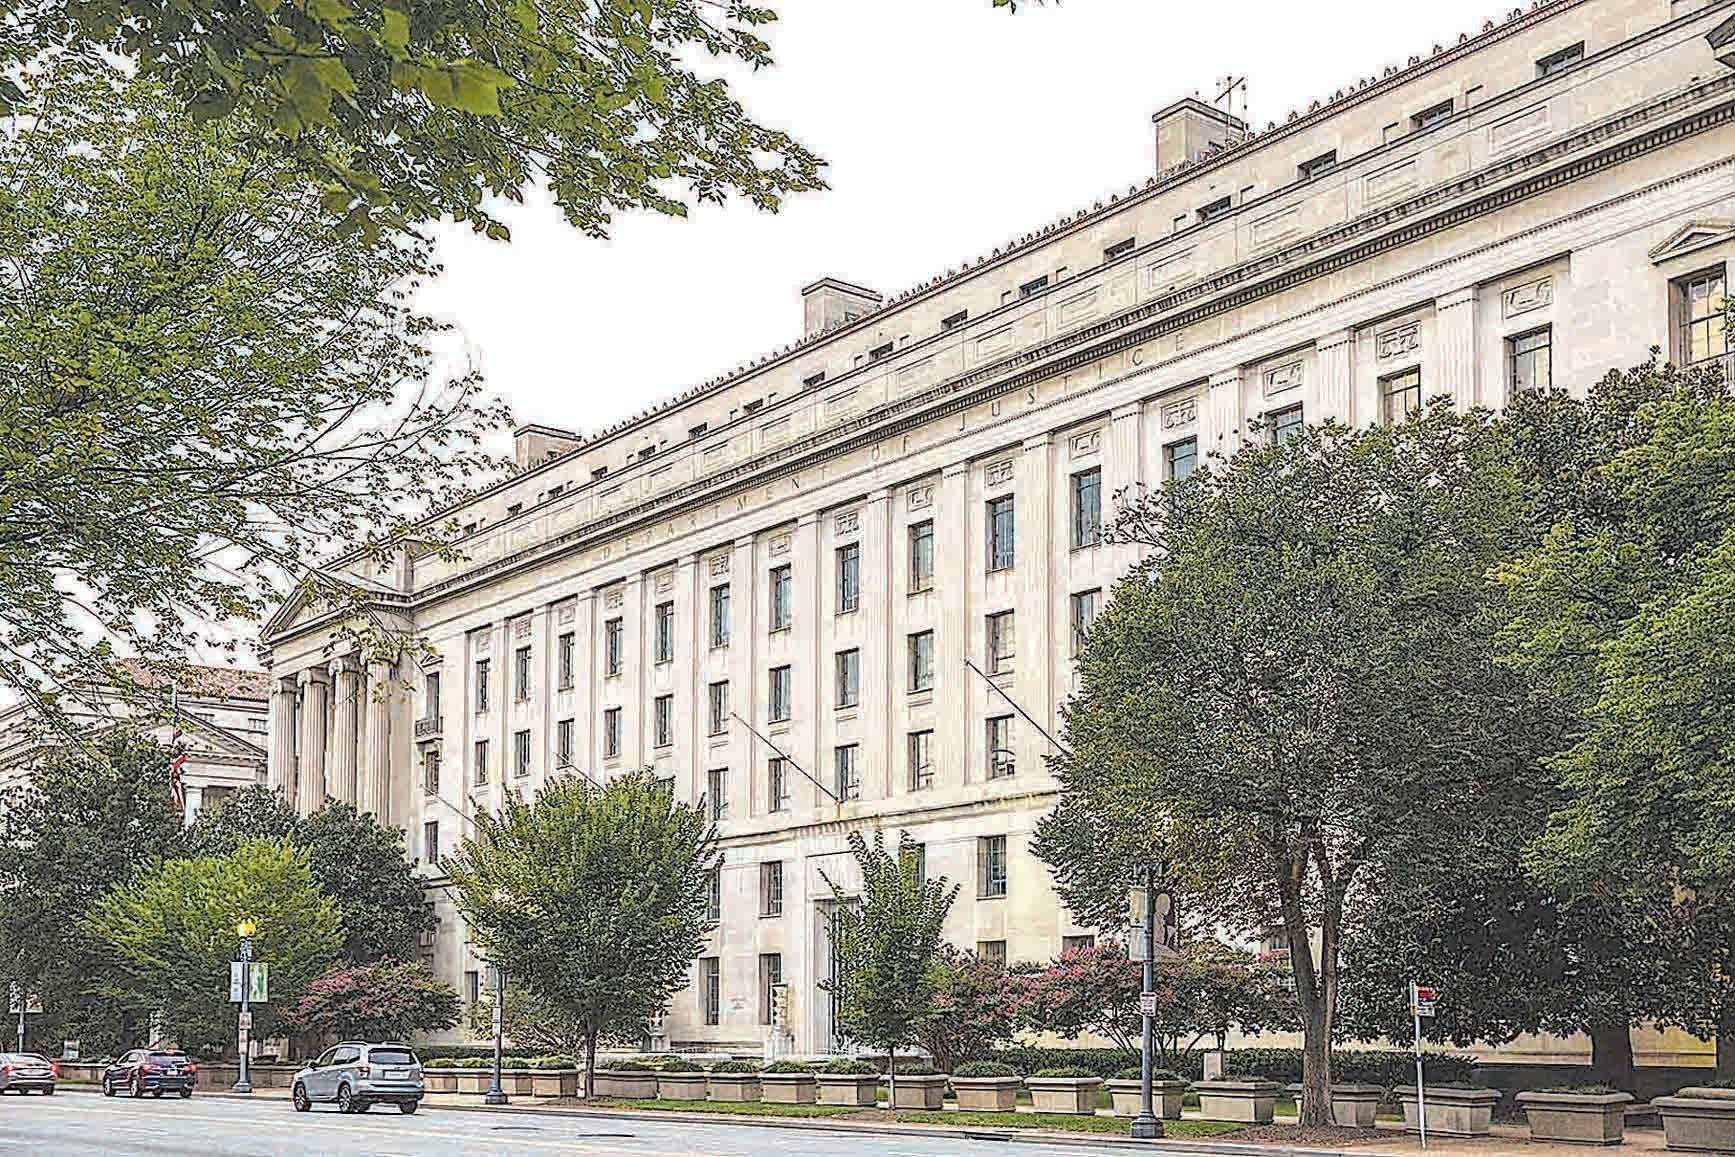 福建晉華和台灣聯電11月1日被美國司法部以共謀經濟間諜、接收被盜商業機密以及共謀竊取商業機密三項罪名起訴。圖為美國司法部大樓。(Samira Bouaou/The Epoch Times)